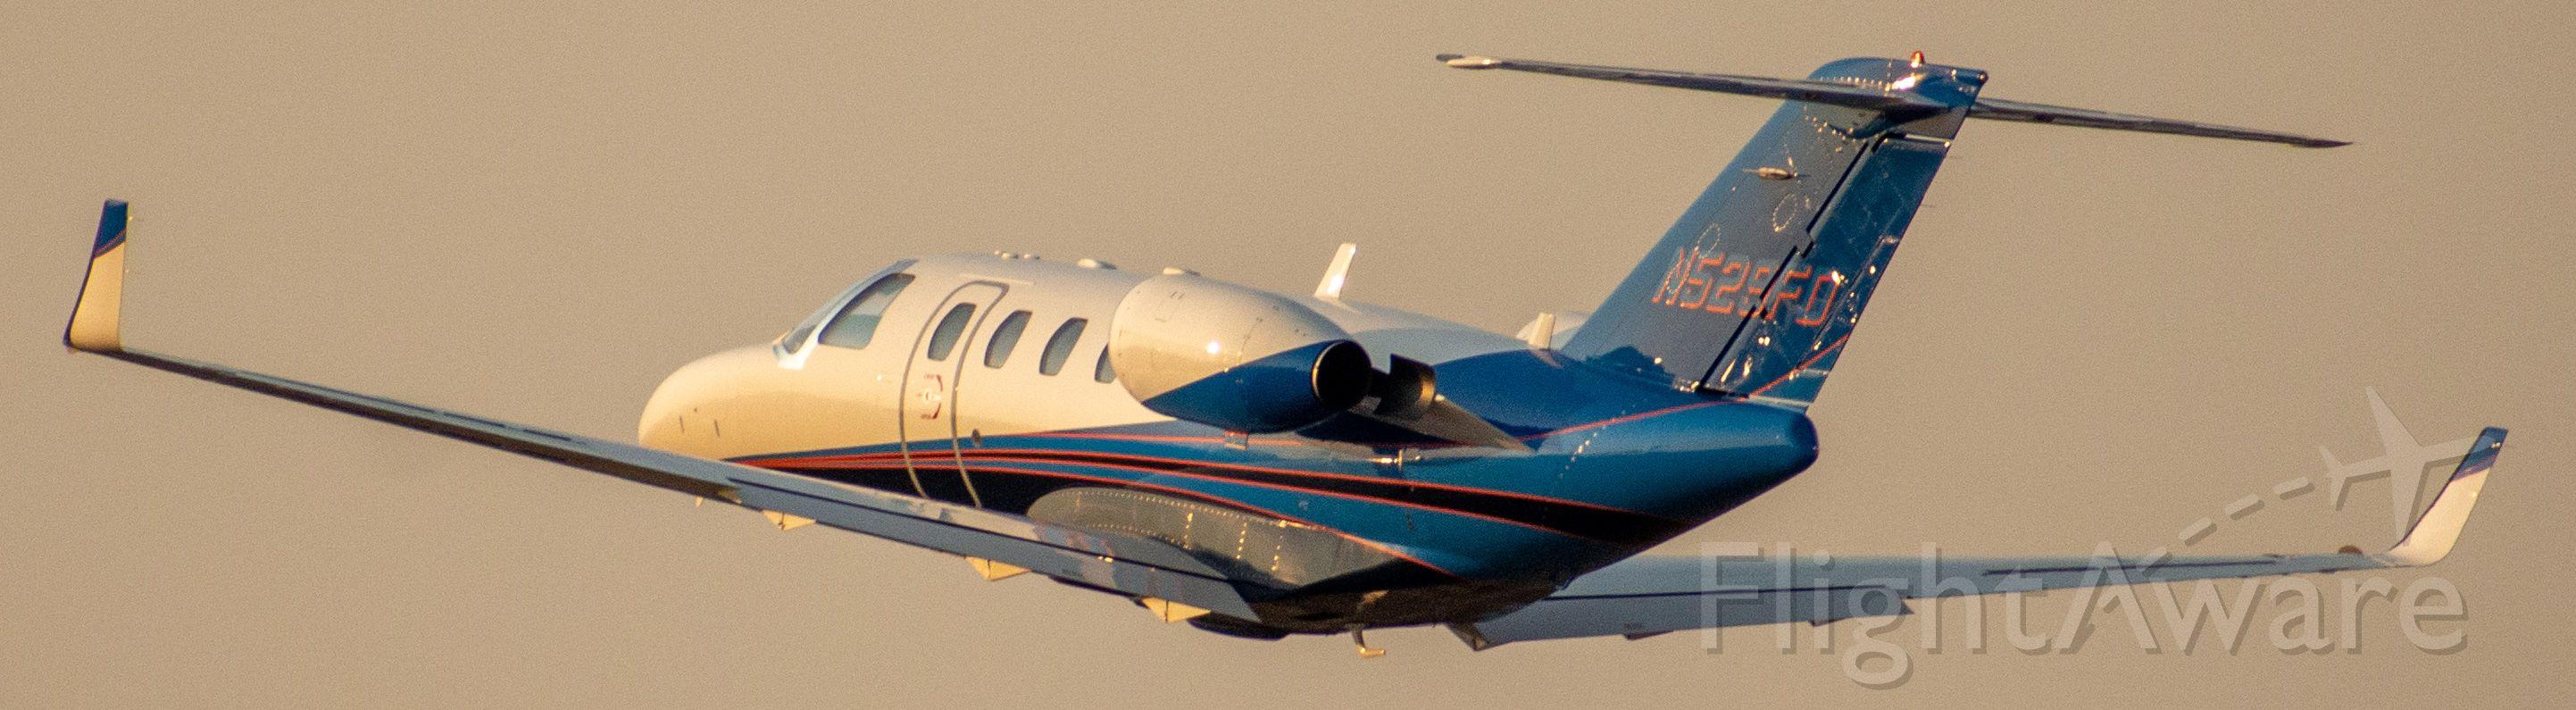 Cessna Citation CJ1 (N529FD)